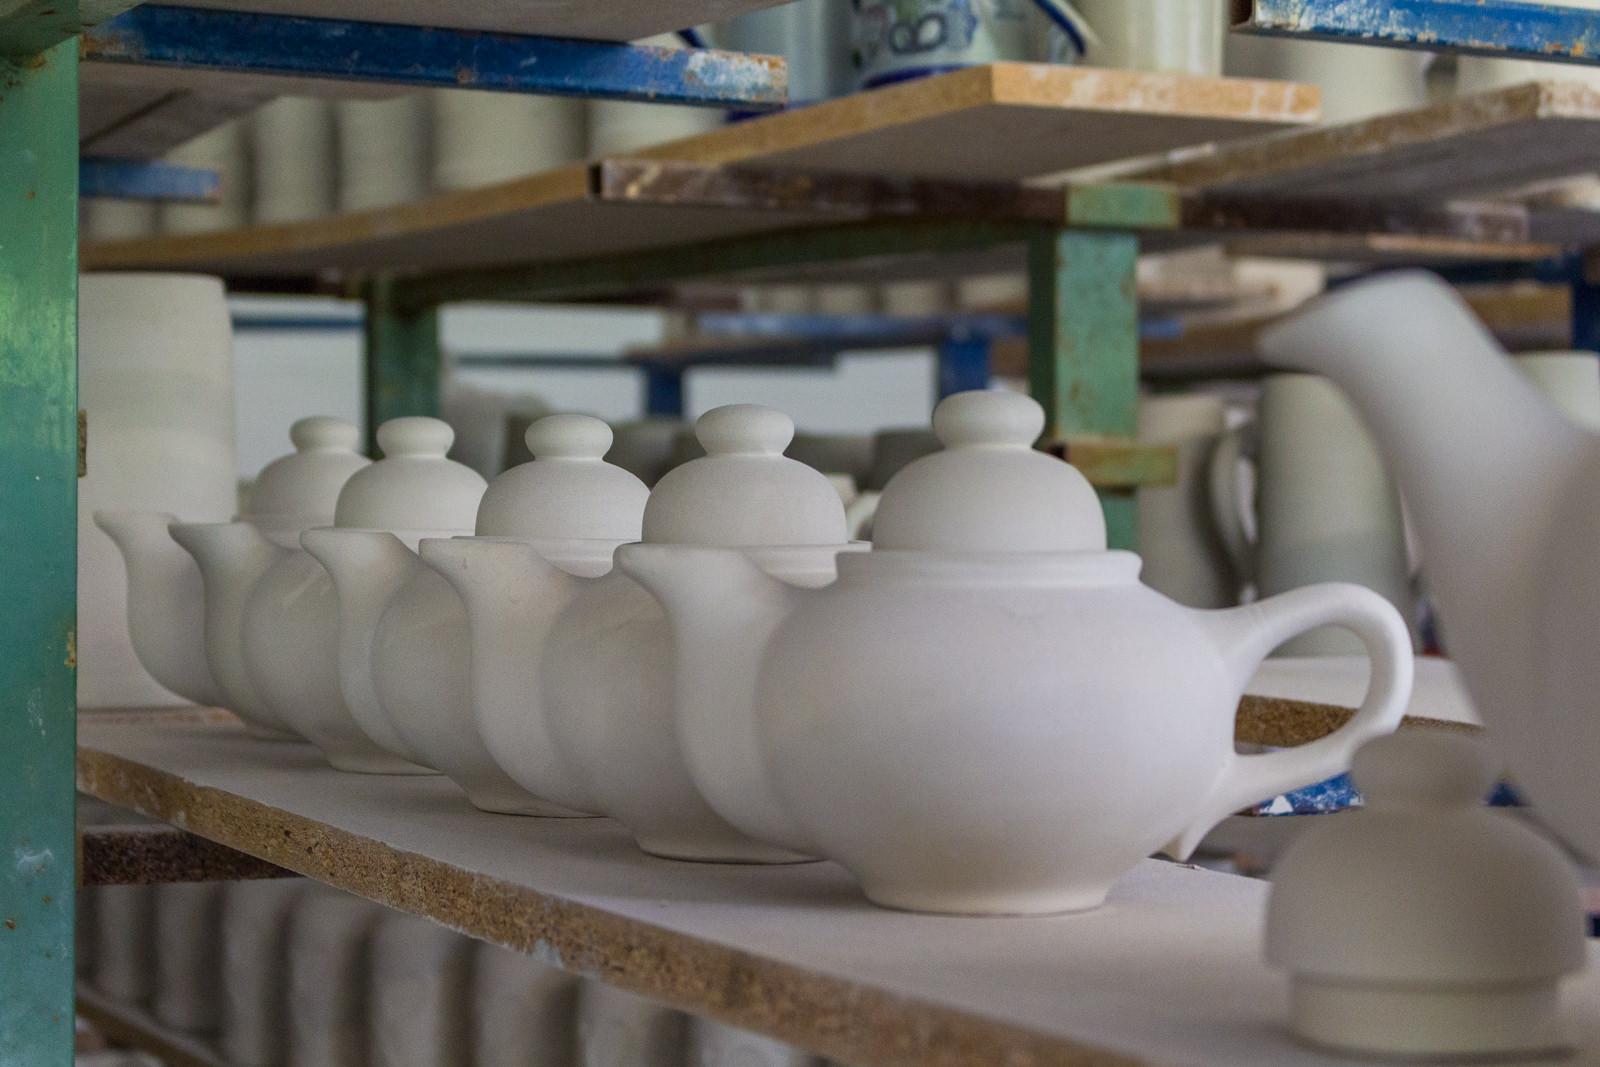 kannenbäckerland, #visitkeramik, Höhr-Grenzhausen, #RLPerleben, Ton, Keramik, Keramikkunst, Künstler, Manufaktur